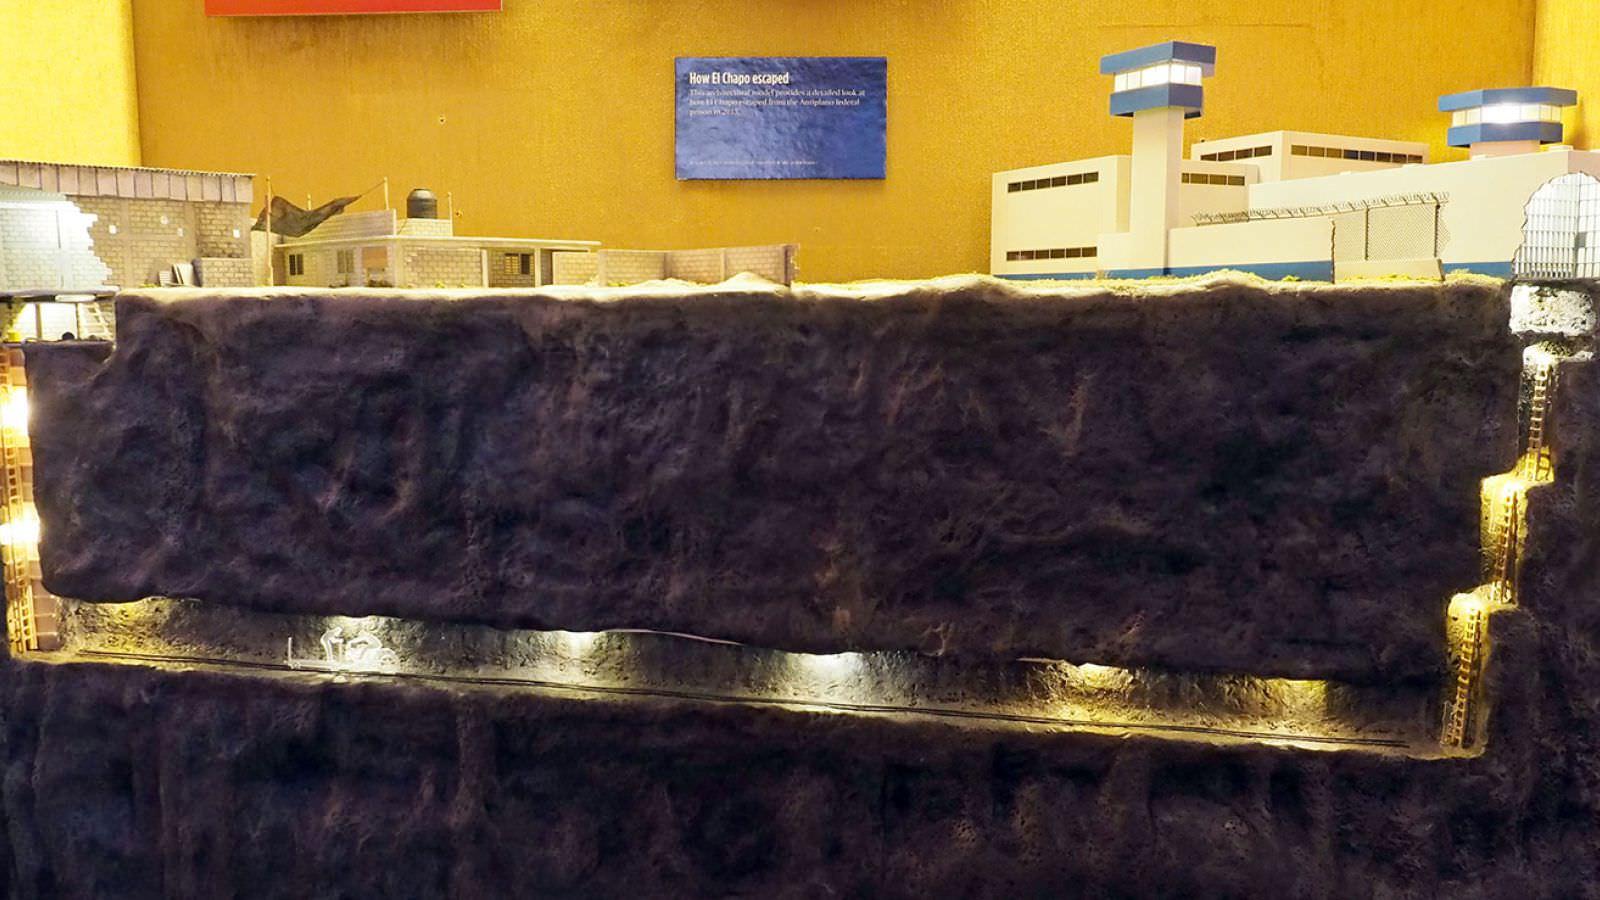 ماکت فرار ال چاپو در موزهی مافیا در لاس وگاسزمان تقریبی مطالعه: ۱ دقیقه